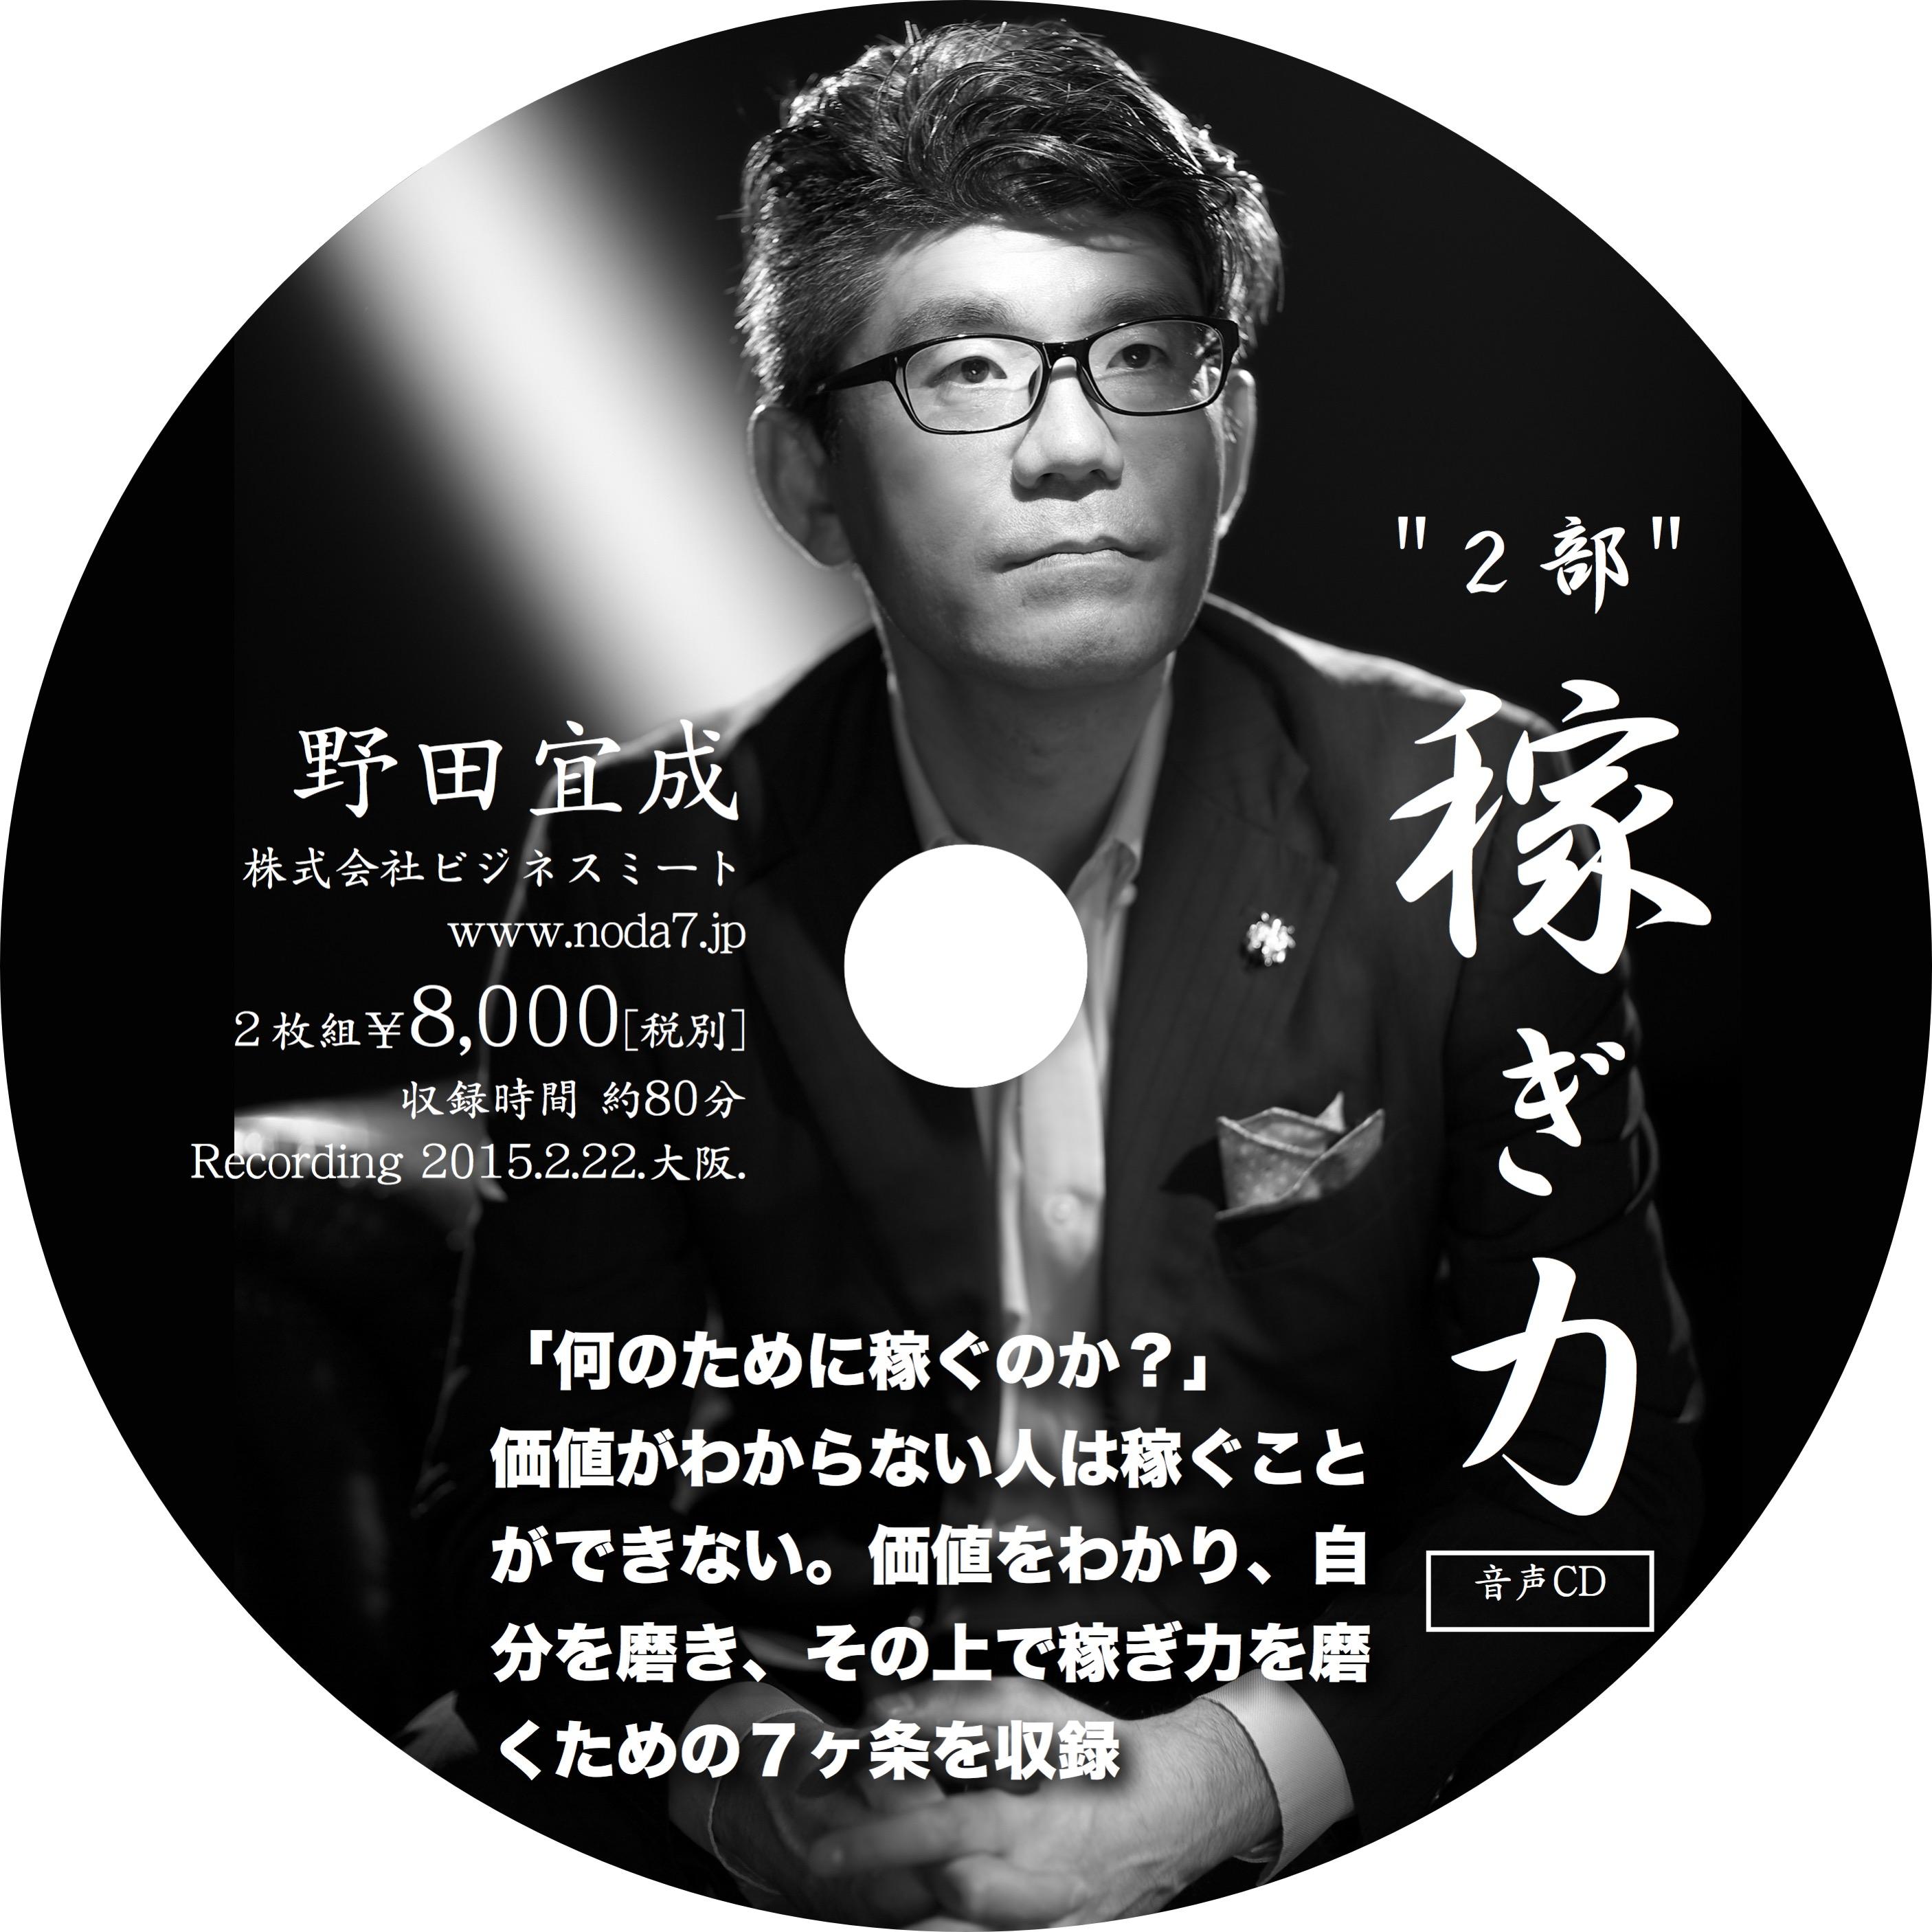 新作!約140分収録CD 2枚組「動く」&「稼ぎ力」